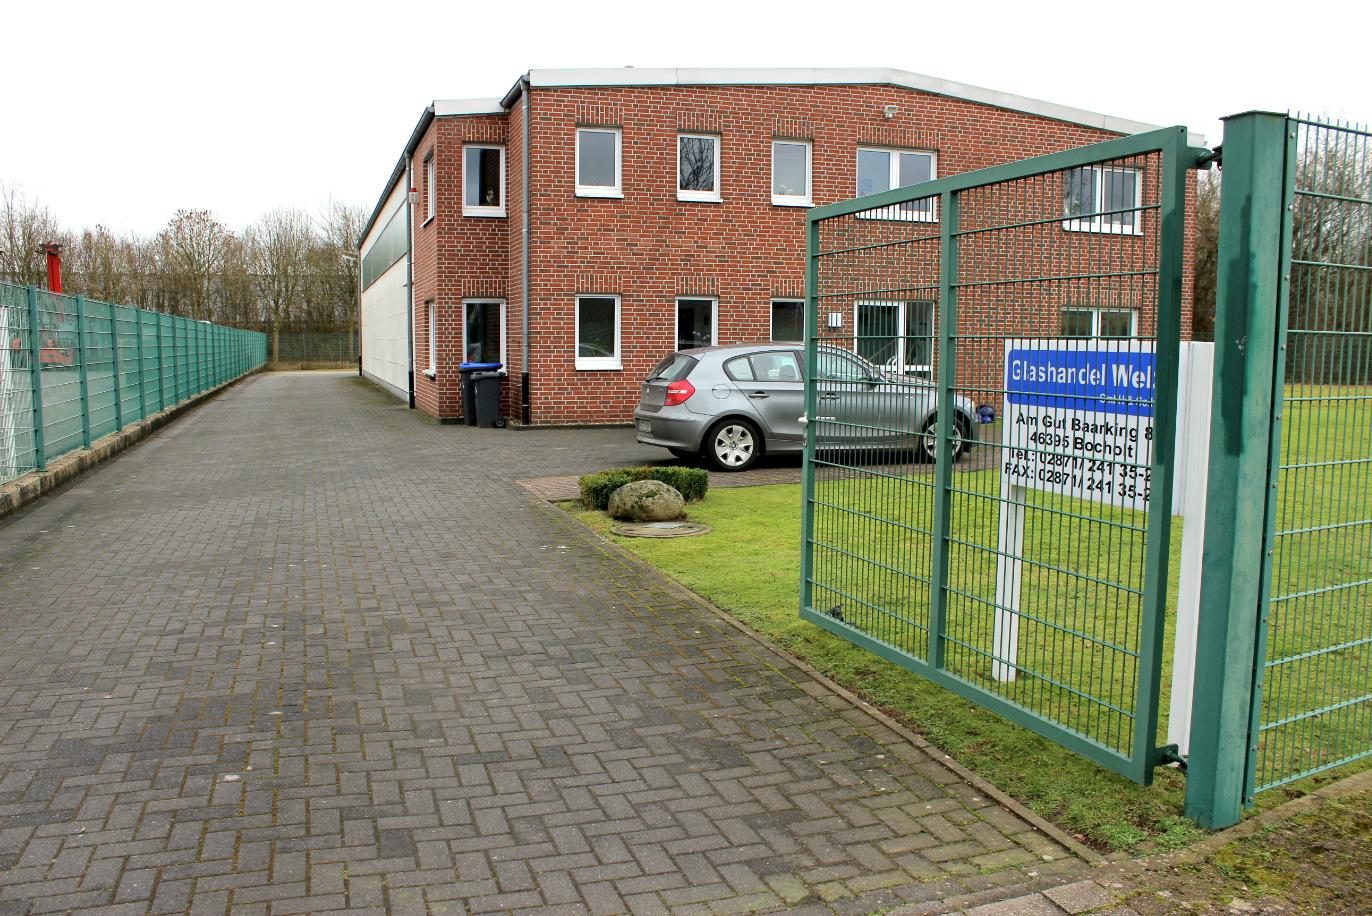 Glashandel Welz GmbH & Co. KG